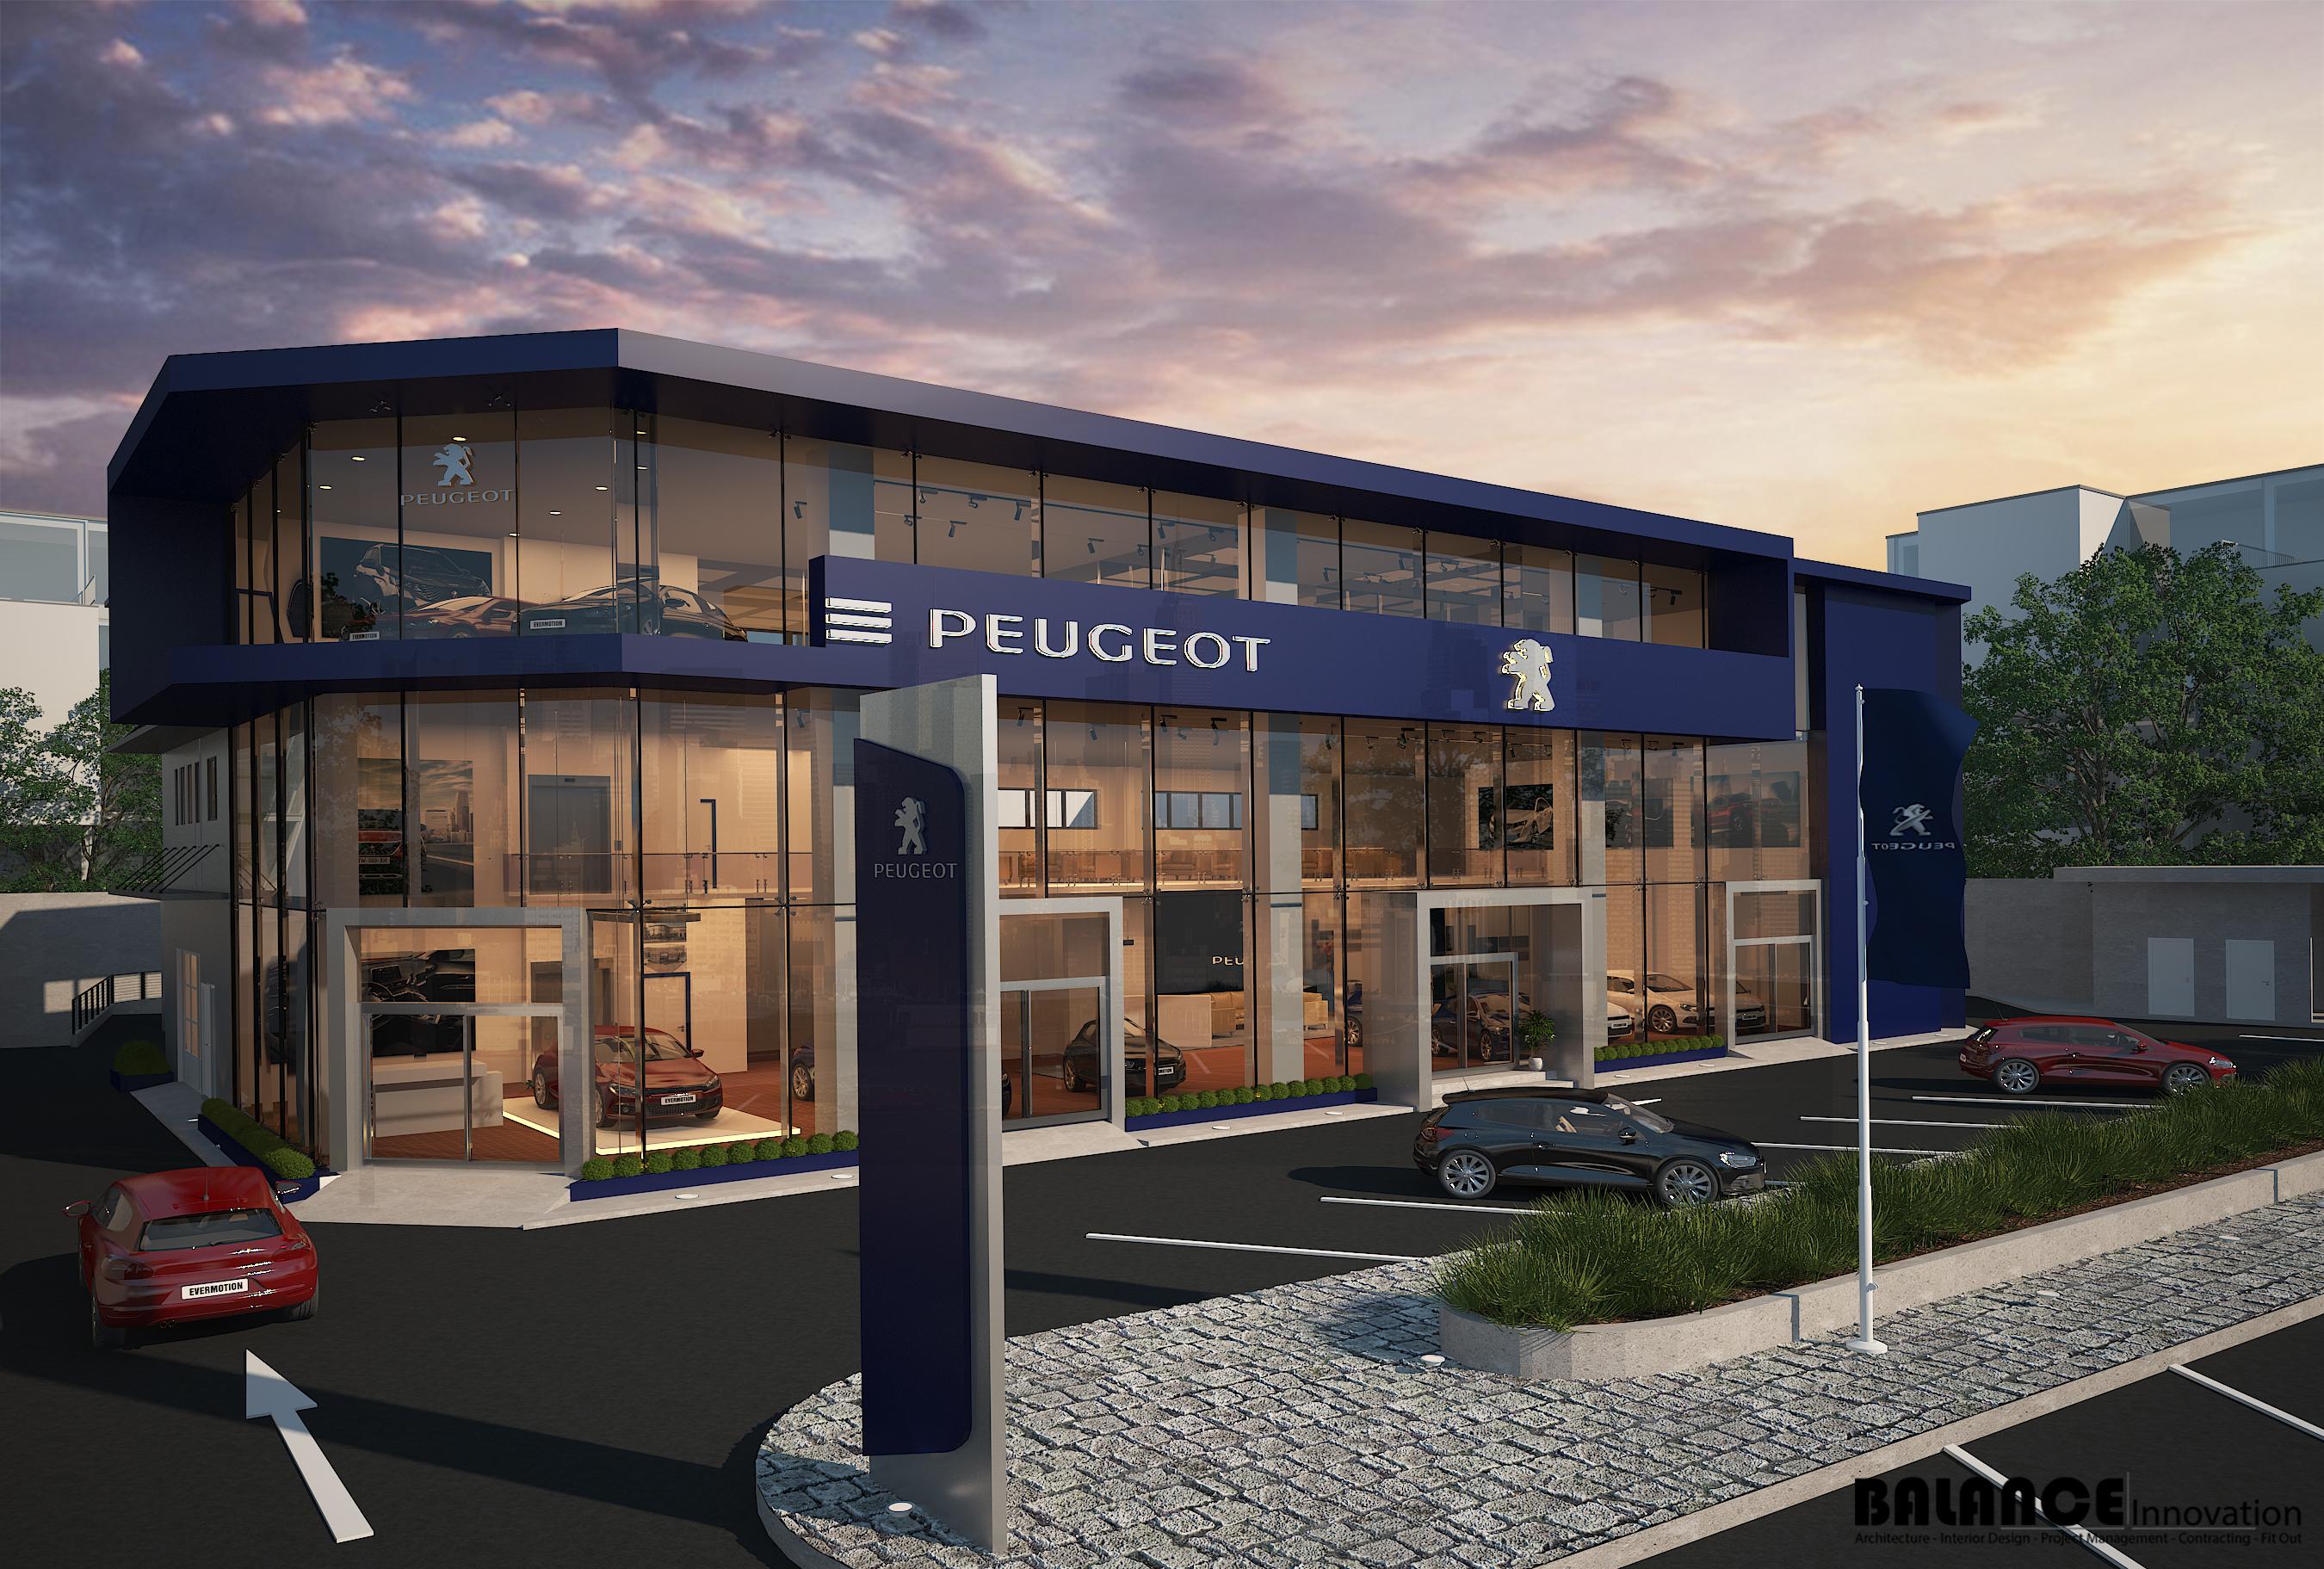 Peugeot_shot1